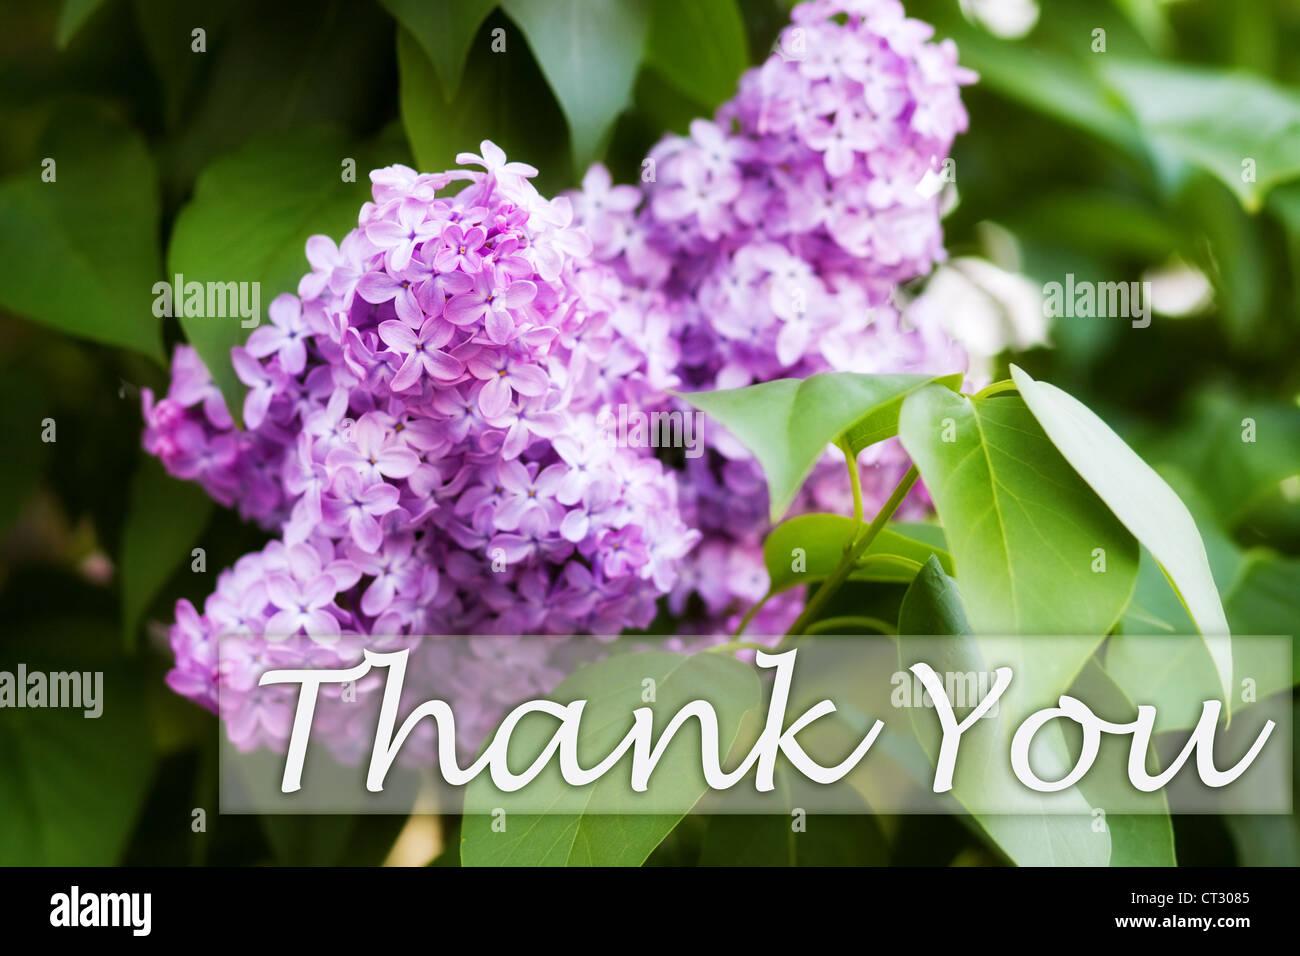 """""""Thank You"""" - Grußkarte mit schönen lila Blüten. Dieses Bild ist exklusiv bei Alamy. Stockbild"""